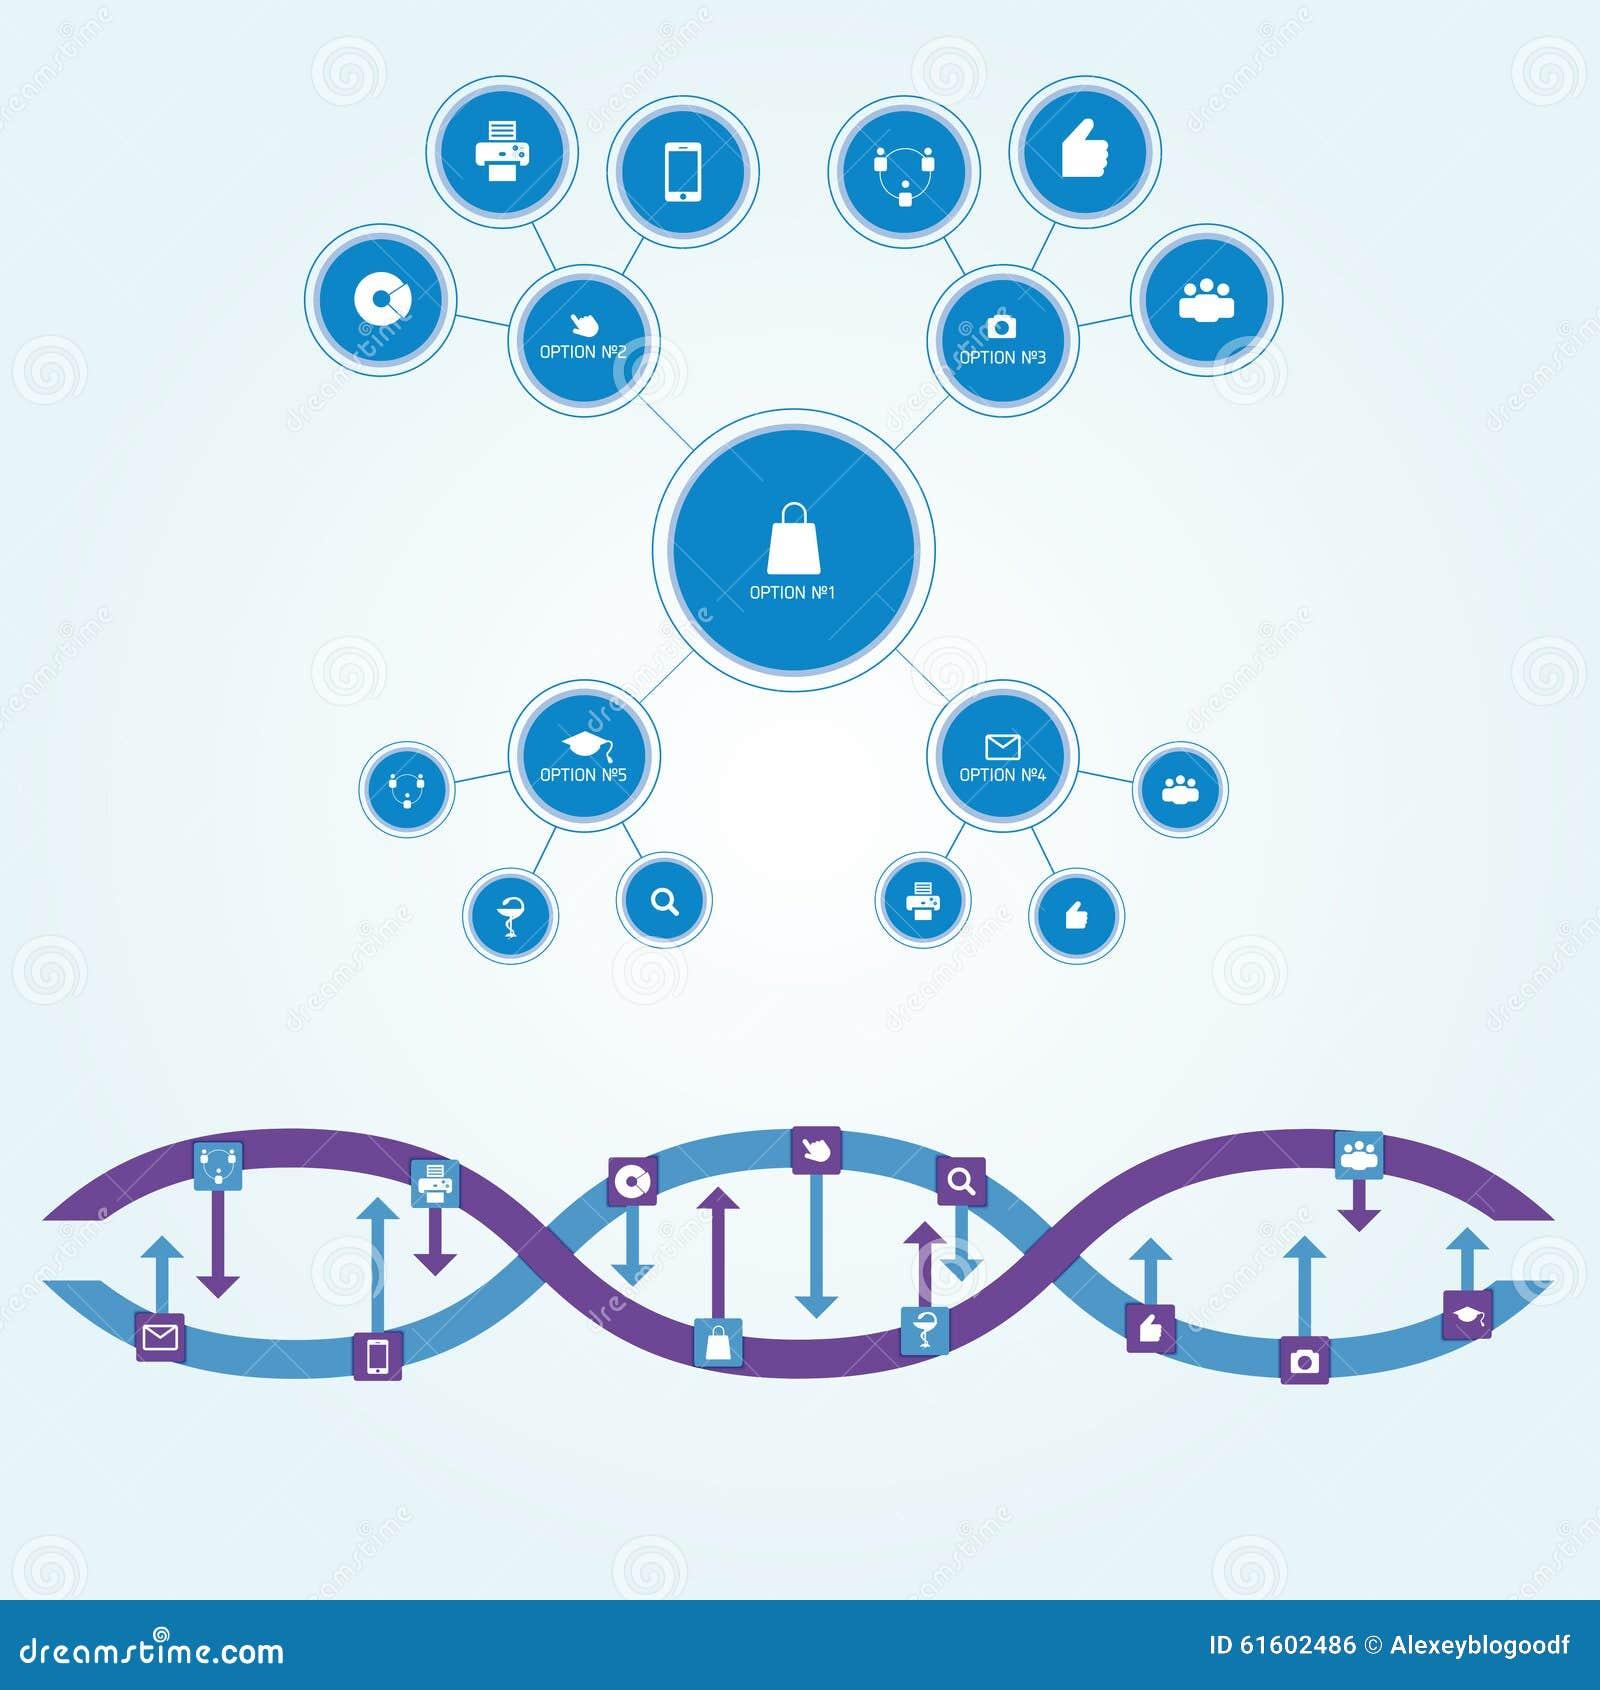 Diagrammi lo schema dei cerchi delle dimensioni differenti collegate dalle linee rette nello stile piano L interazione è descritt